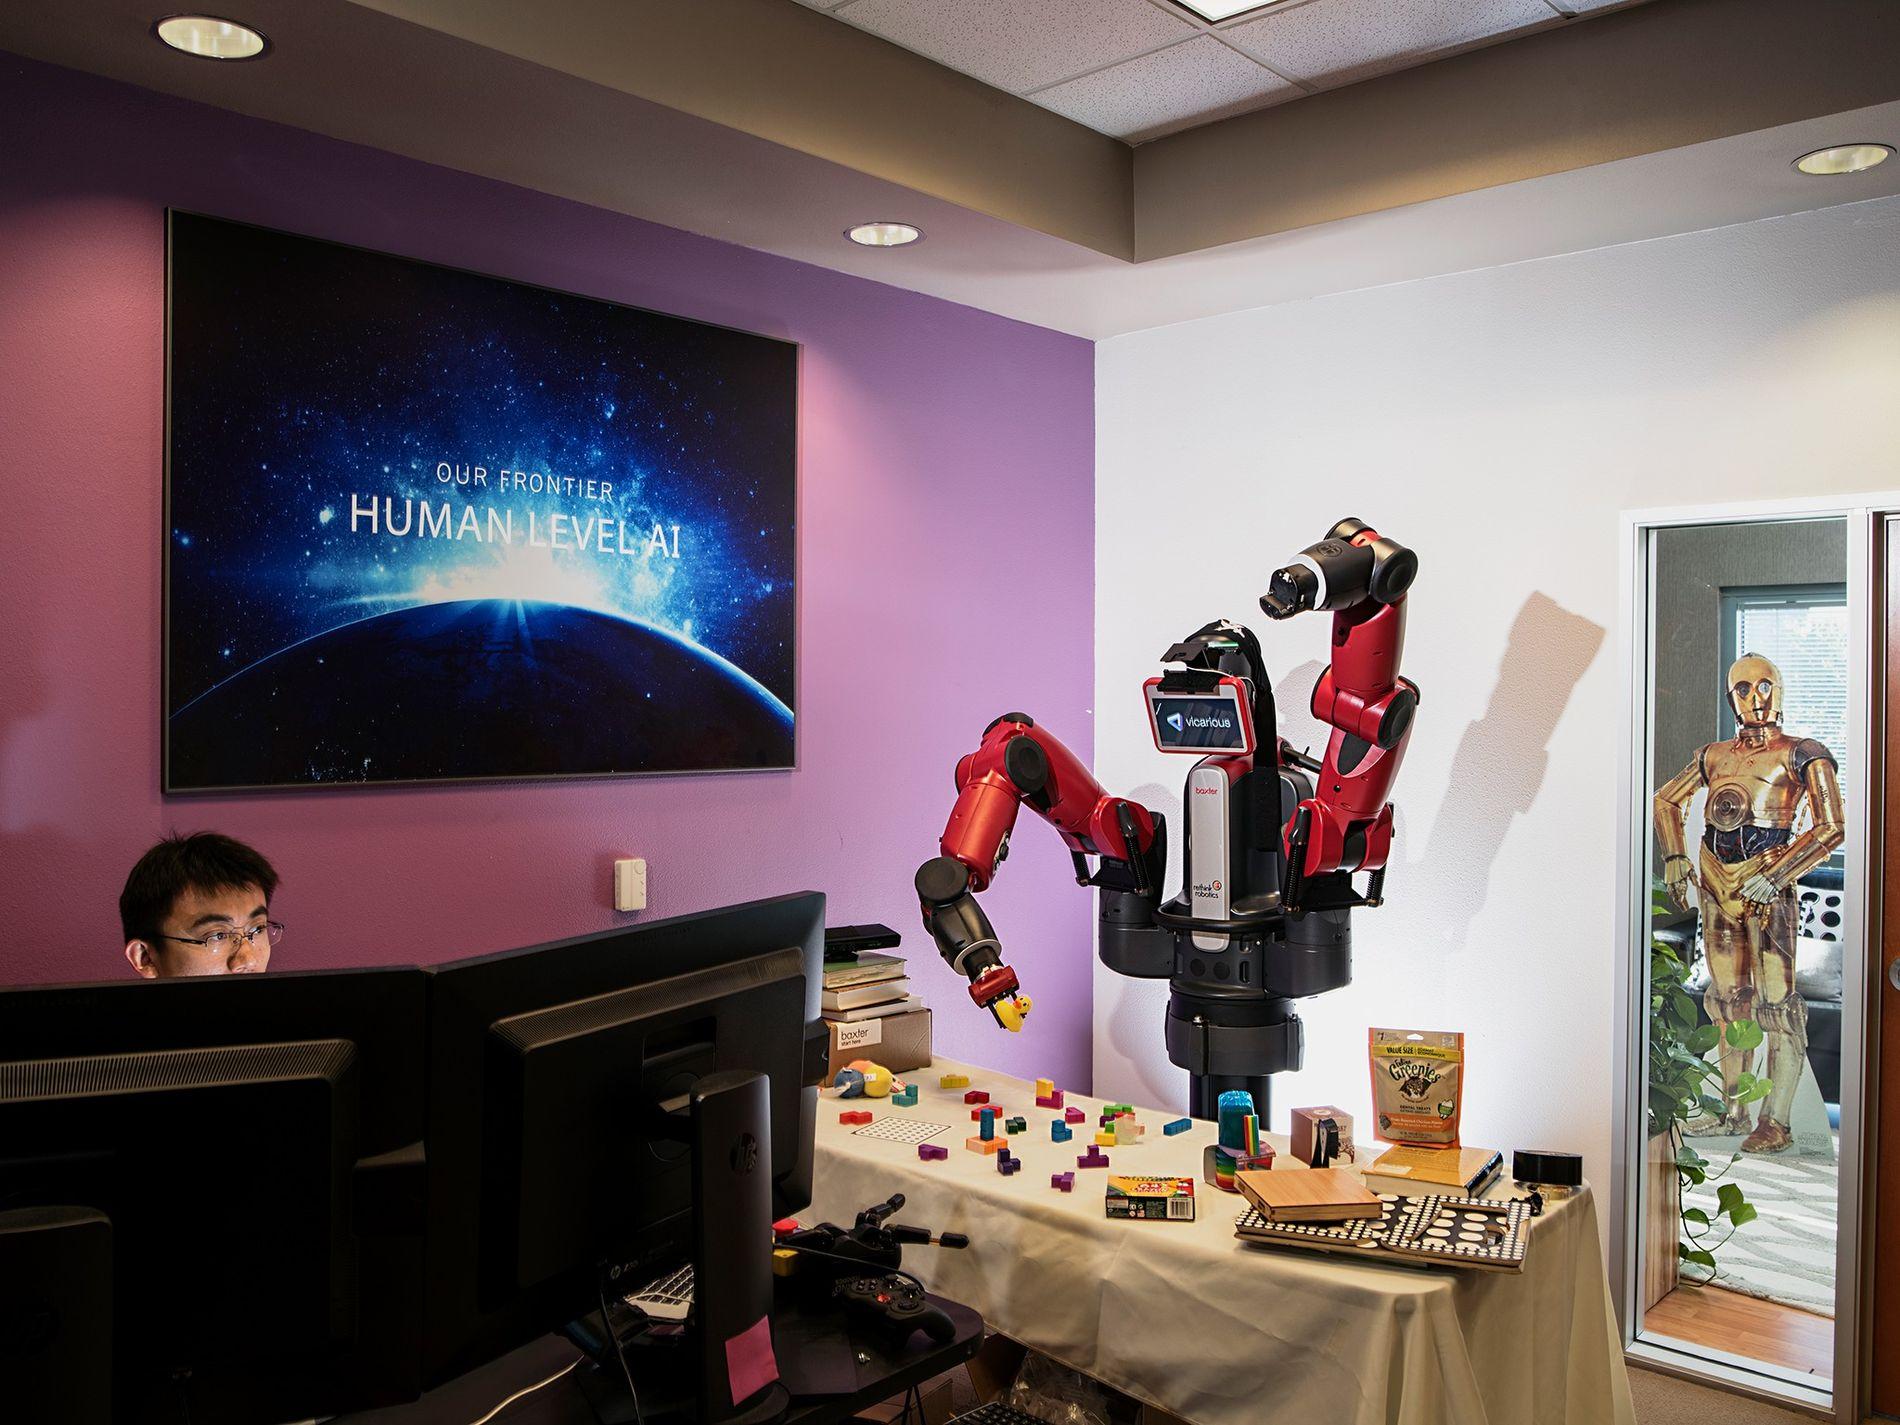 """Einem Roboter wird beigebracht, Gegenstände zu erkennen und zu handhaben. Mit der Verbesserung künstlicher Intelligenzen wird ein neues Wettrüsten wahrscheinlich, das auch die Produktion tödlicher Maschinen beinhalten könnte, wie es im Buch """"21 Lektionen für das 21. Jahrhundert"""" von Yuval Harari heißt."""